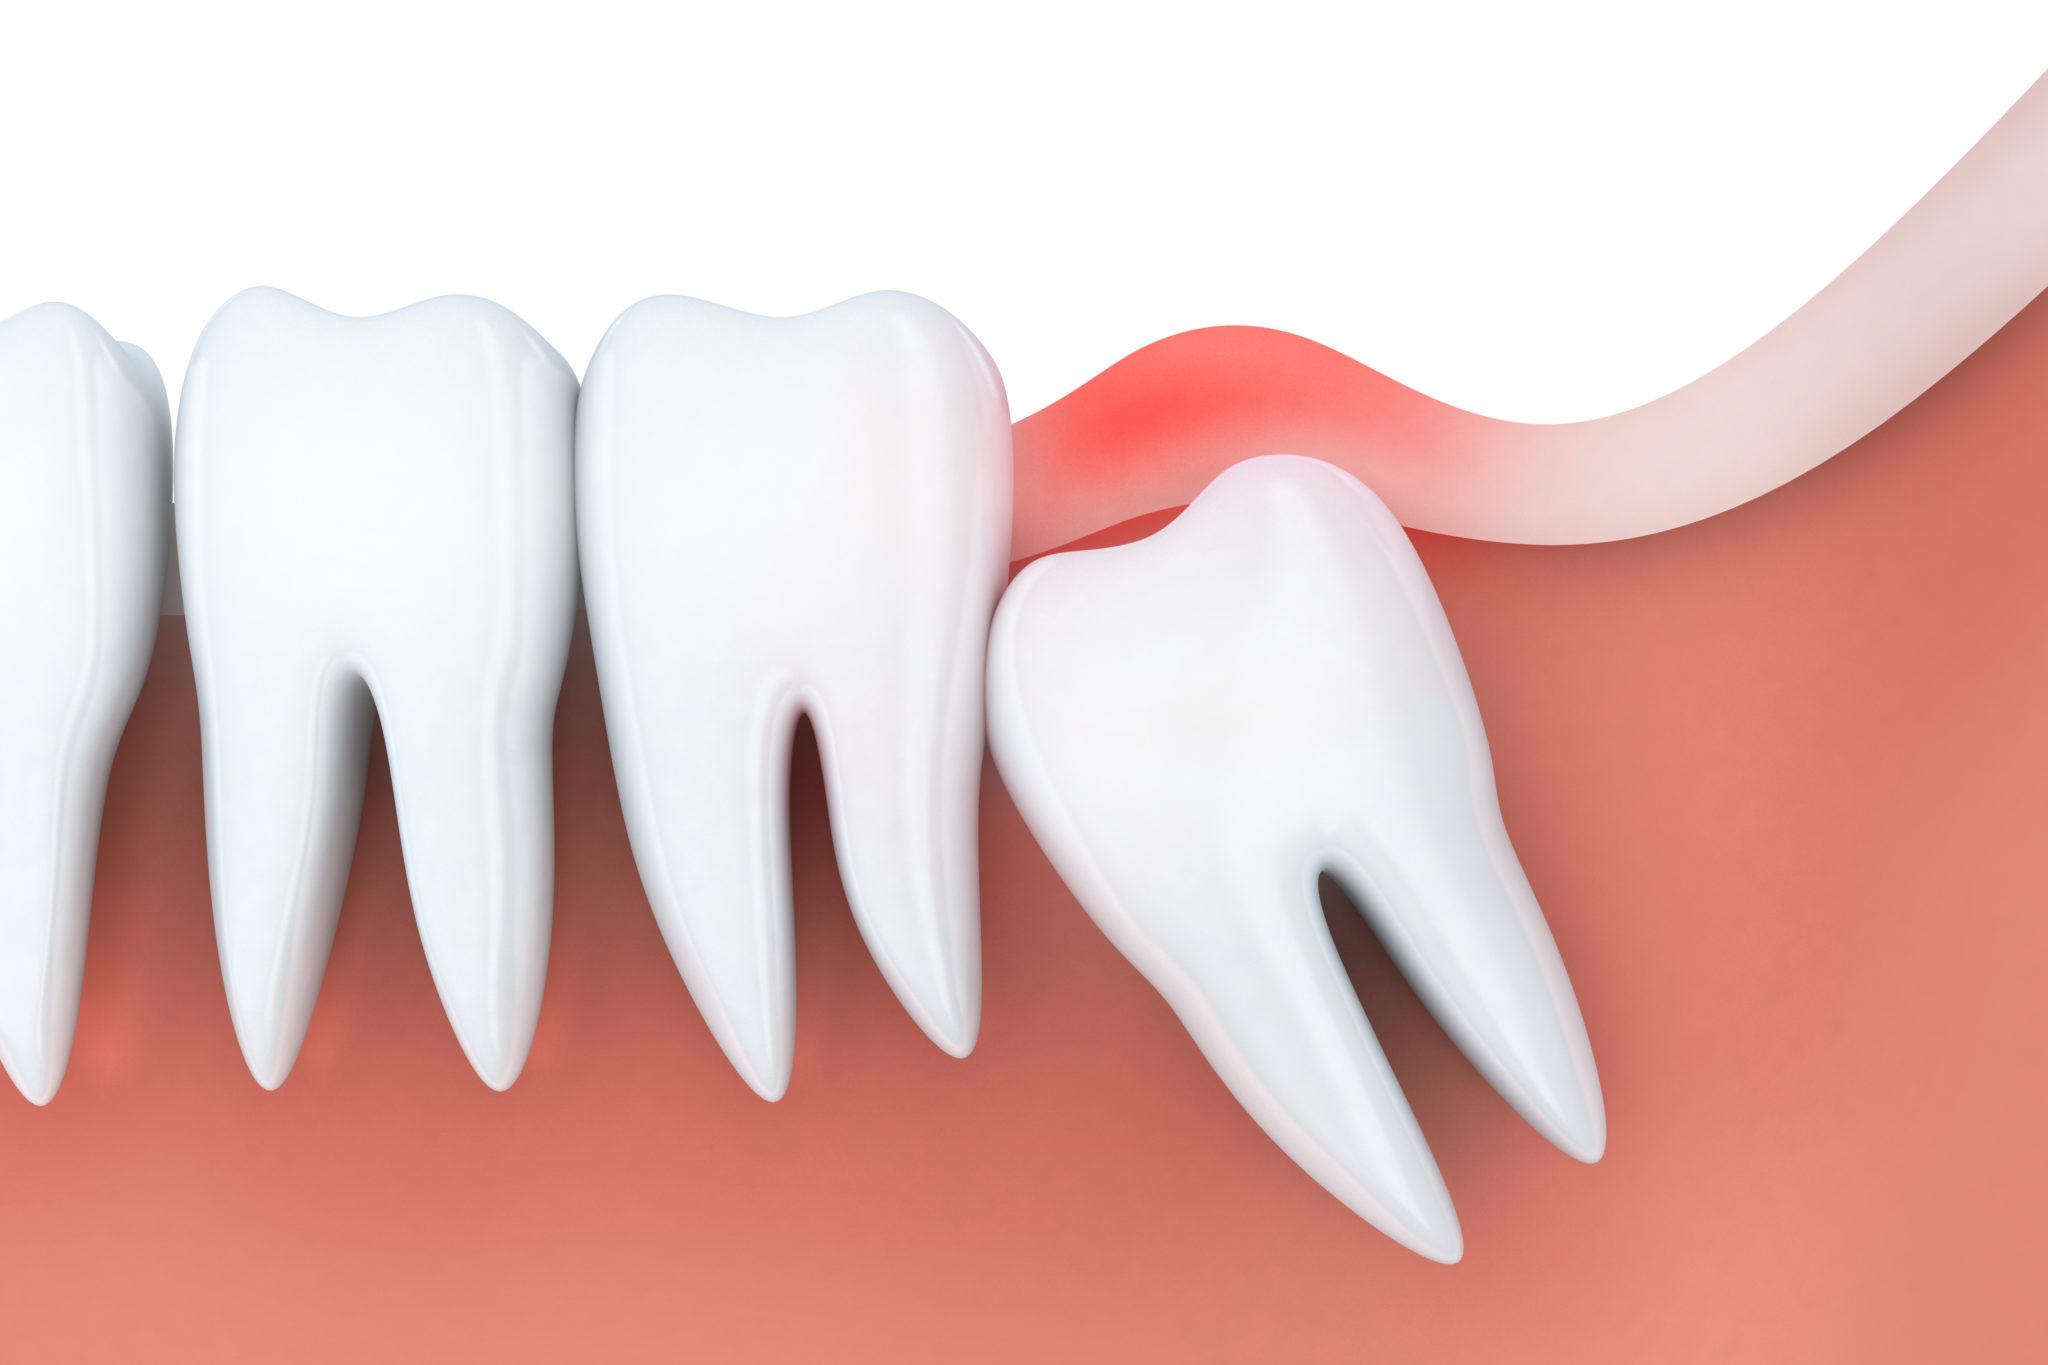 Yirmilik Diş Nedir? 20'lik Diş Çekimi Nasıl Olur?